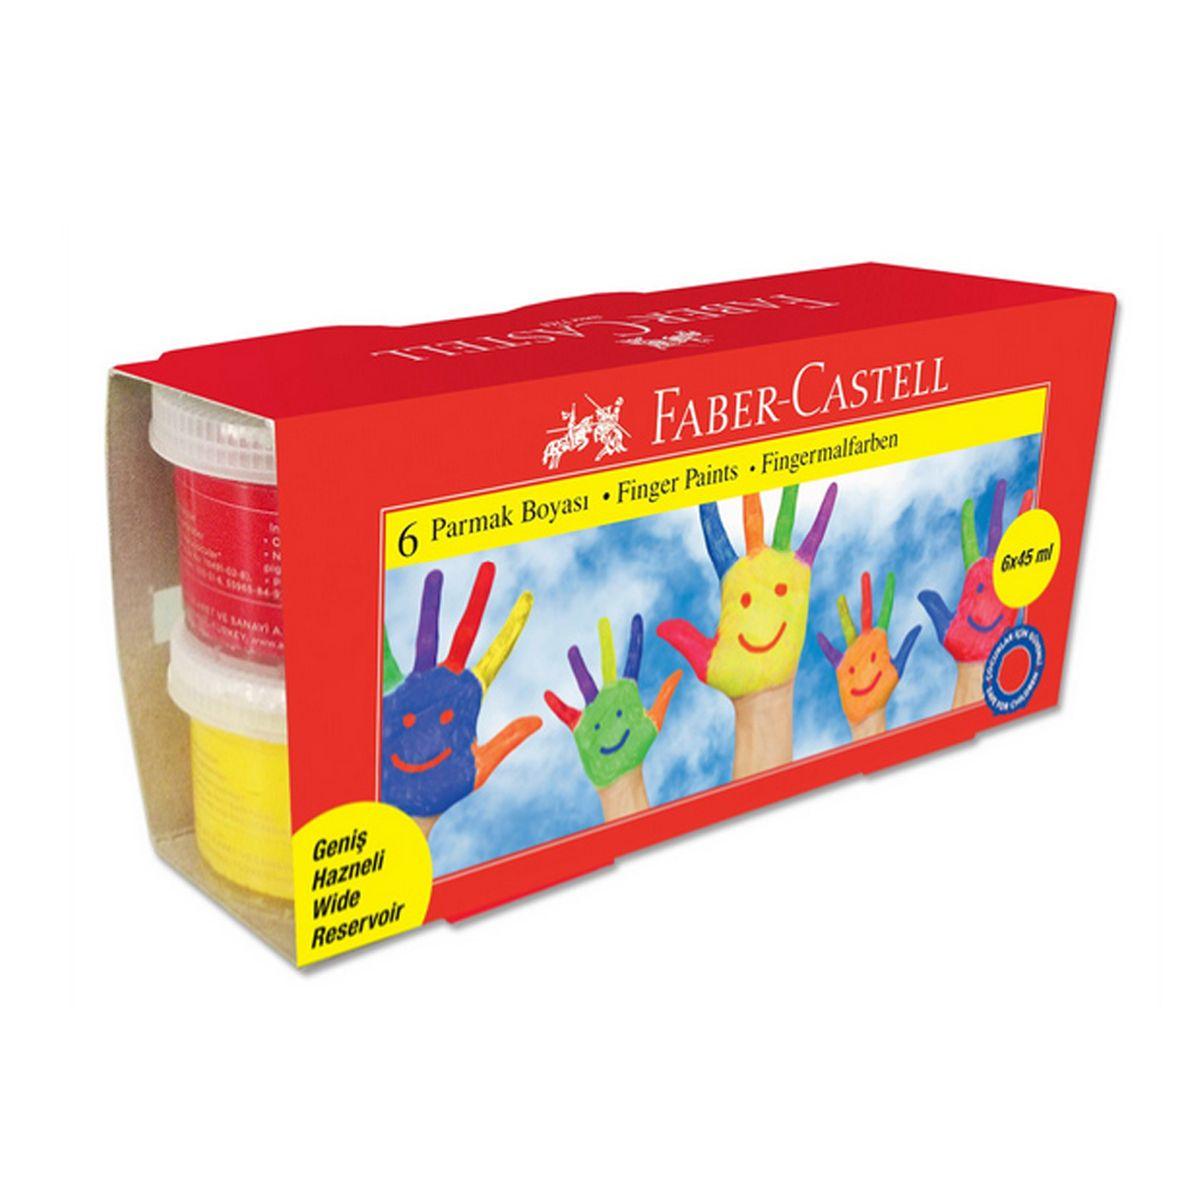 Faber-Castell Пальчиковые краски в карт коробке 6 шт 45 мл160422для использования на бумаге и картоне с пальцем, щеткой или губкой • водорастворимые, яркие и насыщенные цвета • богатая цветовая гамма • идеальны для развития детского творчества